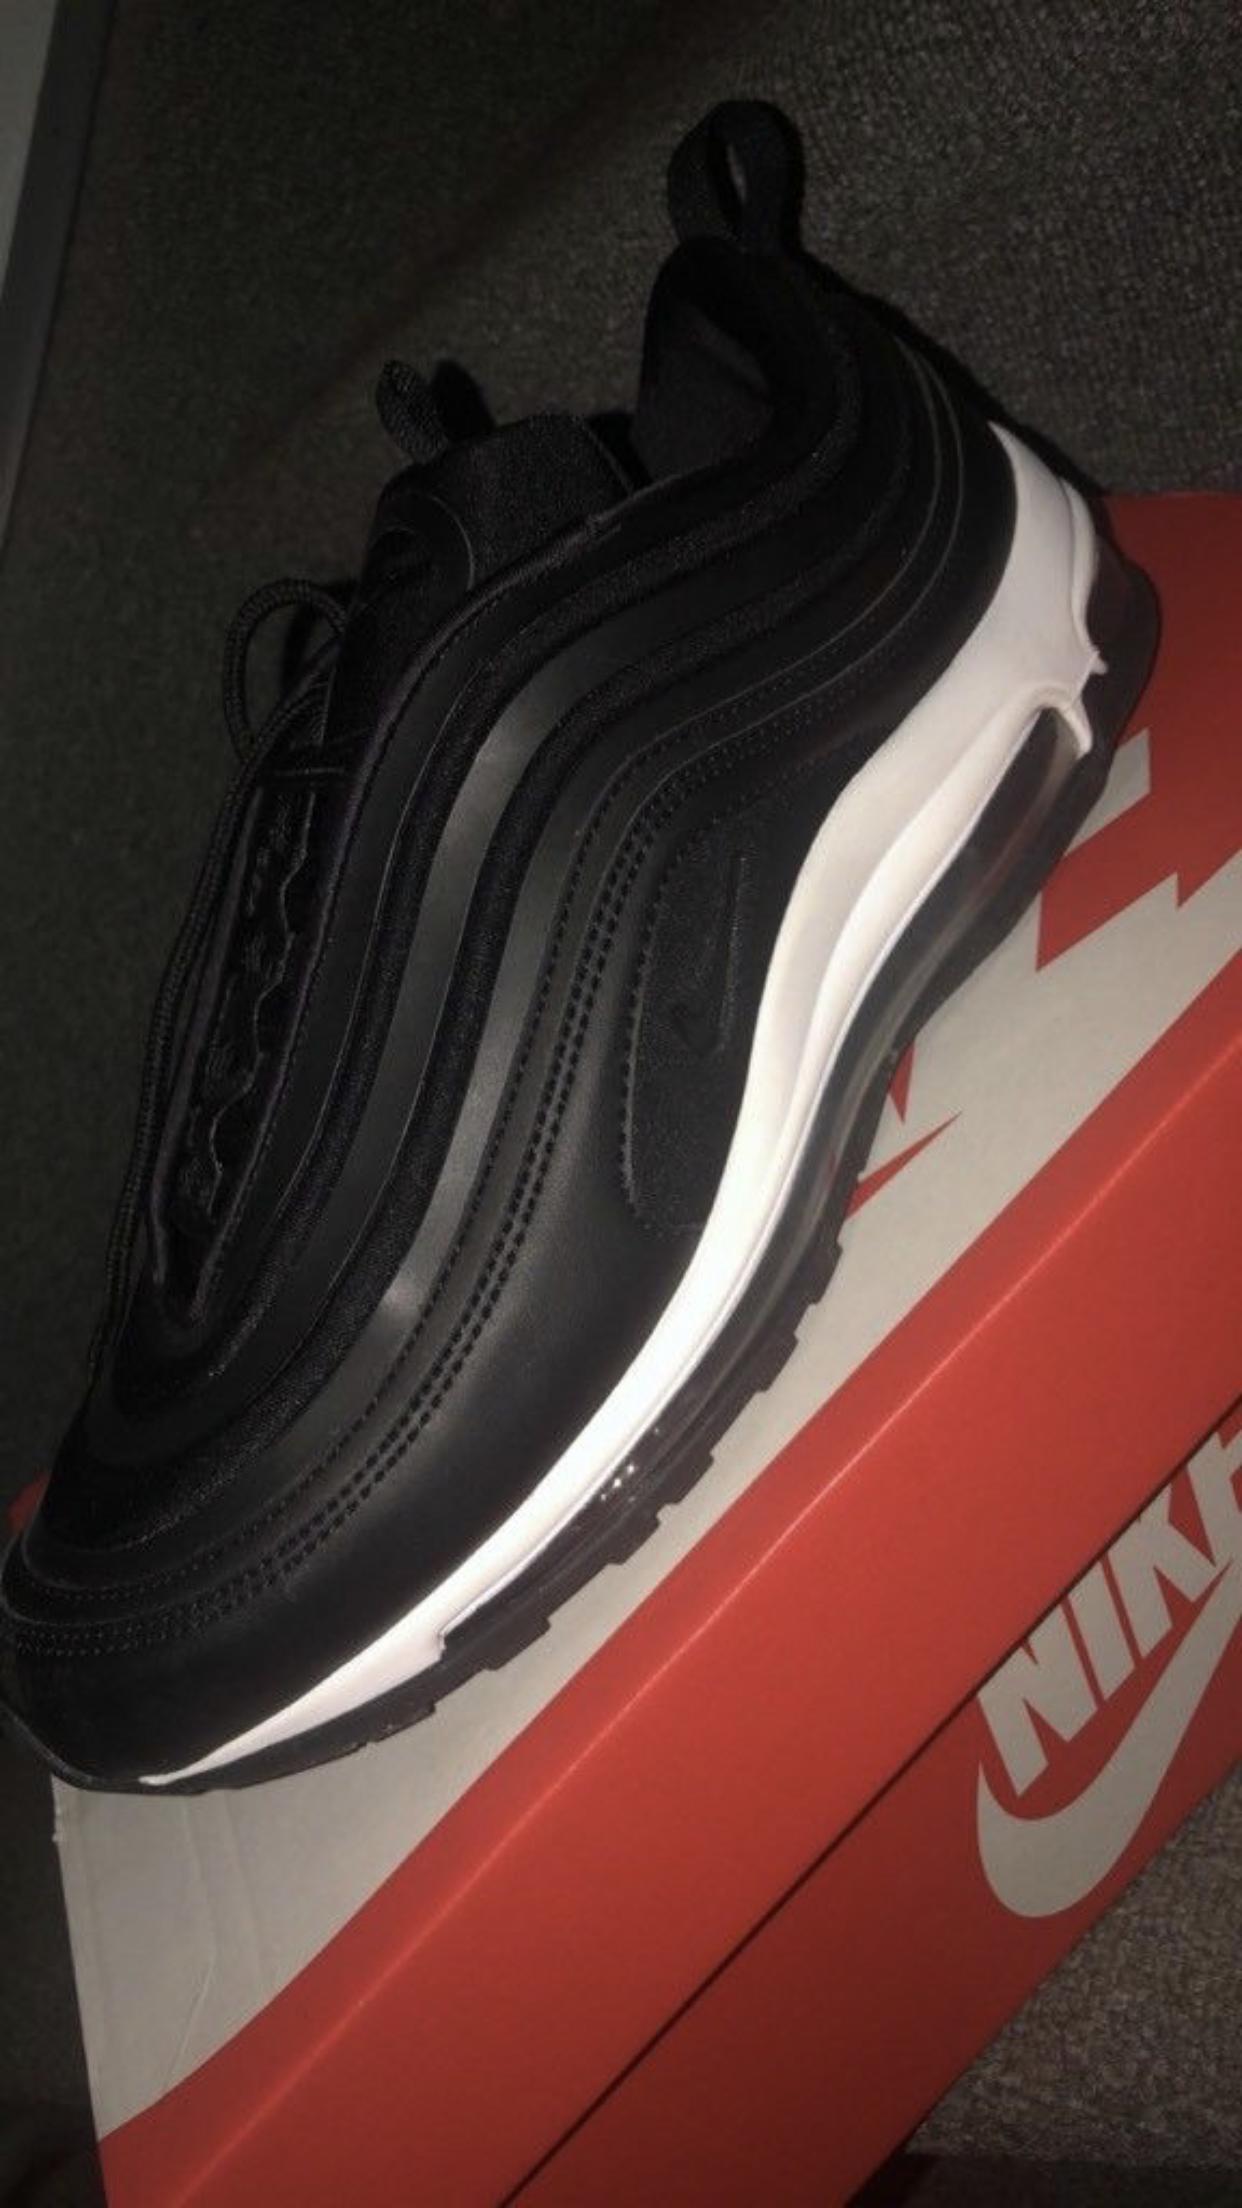 Nike are Max 97 wie leuchten sie? (Computer, Schuhe, Sneaker)